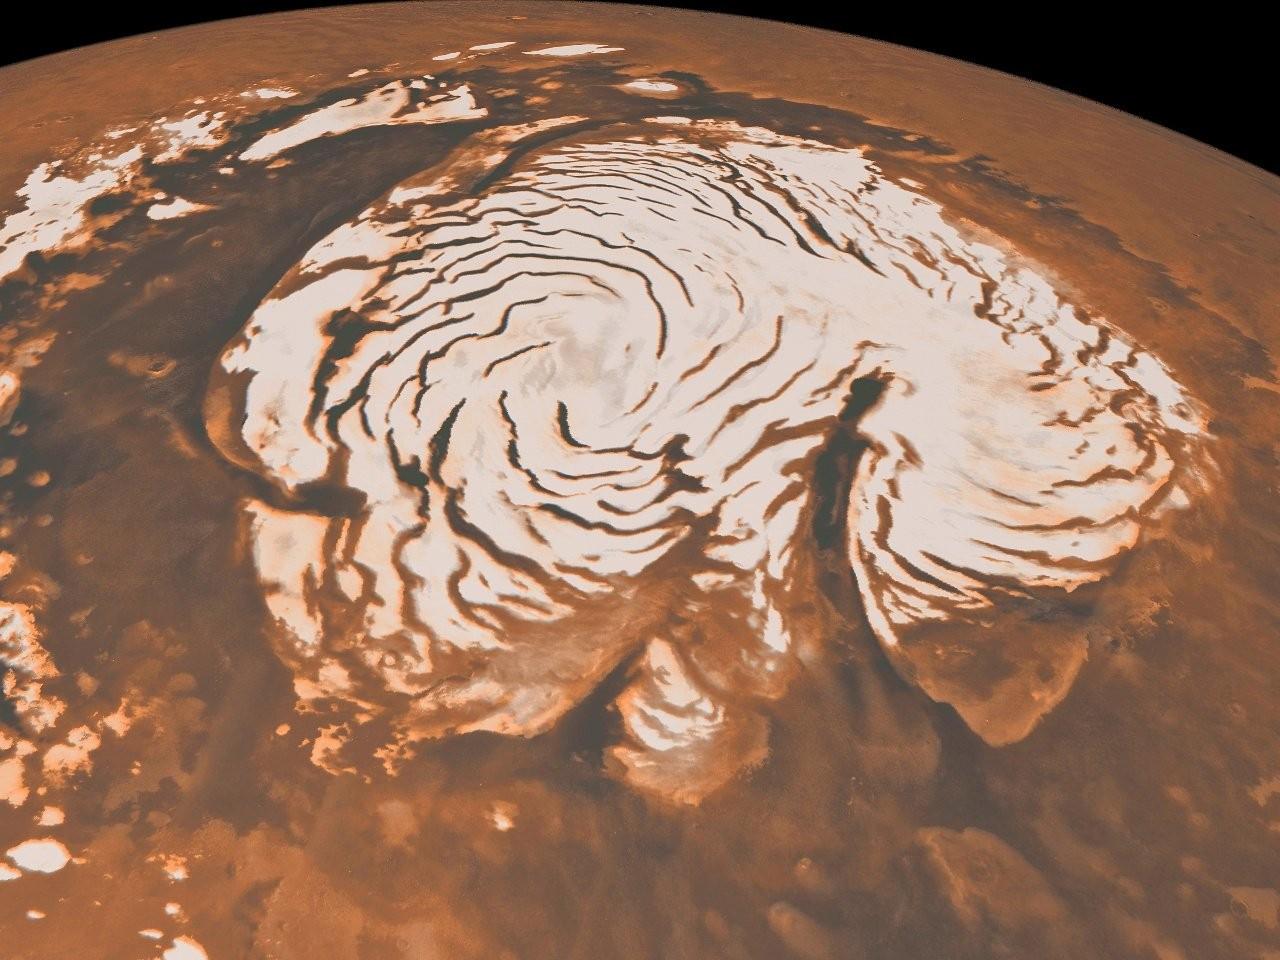 На Марсе подтверждены гигантские запасы воды